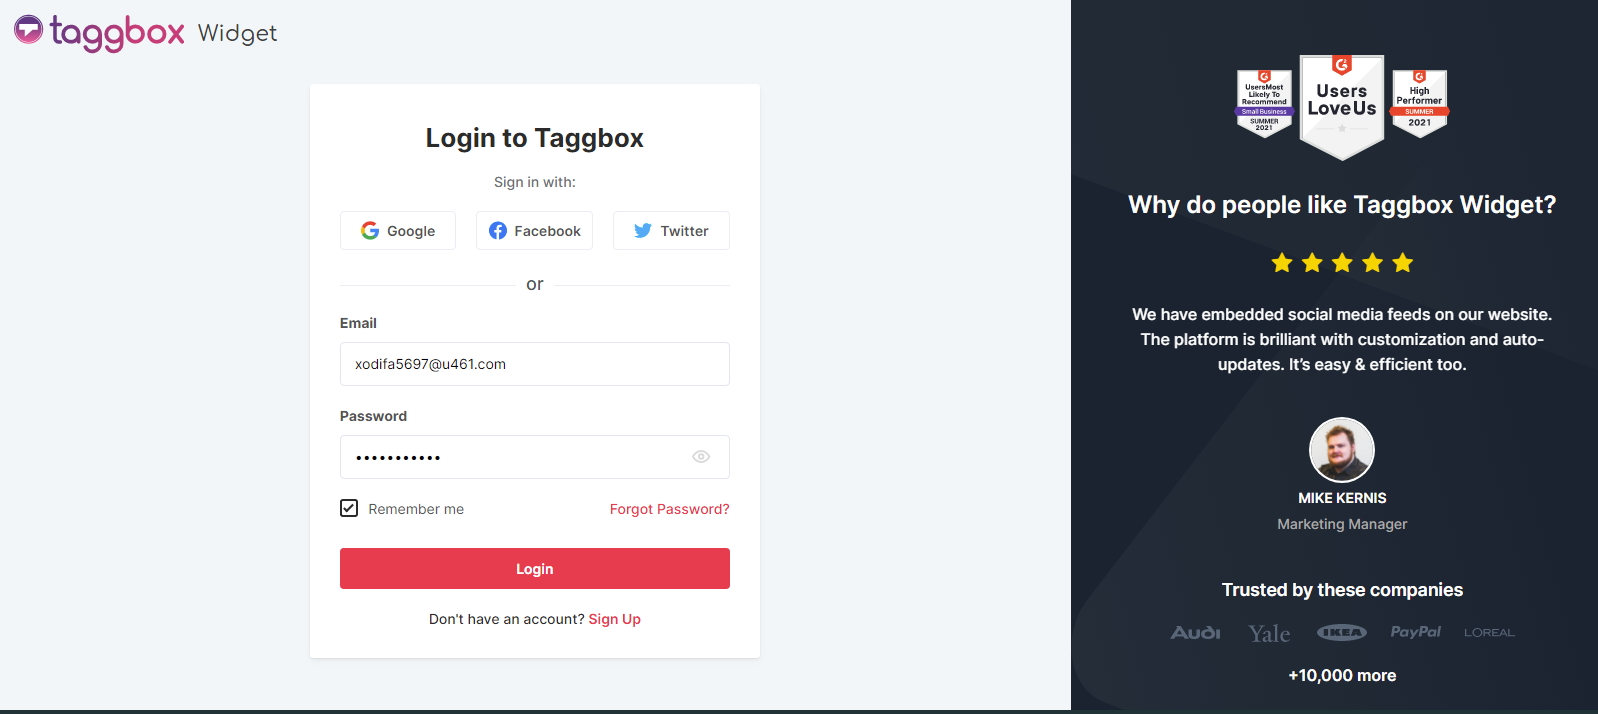 Taggbox Widget Login